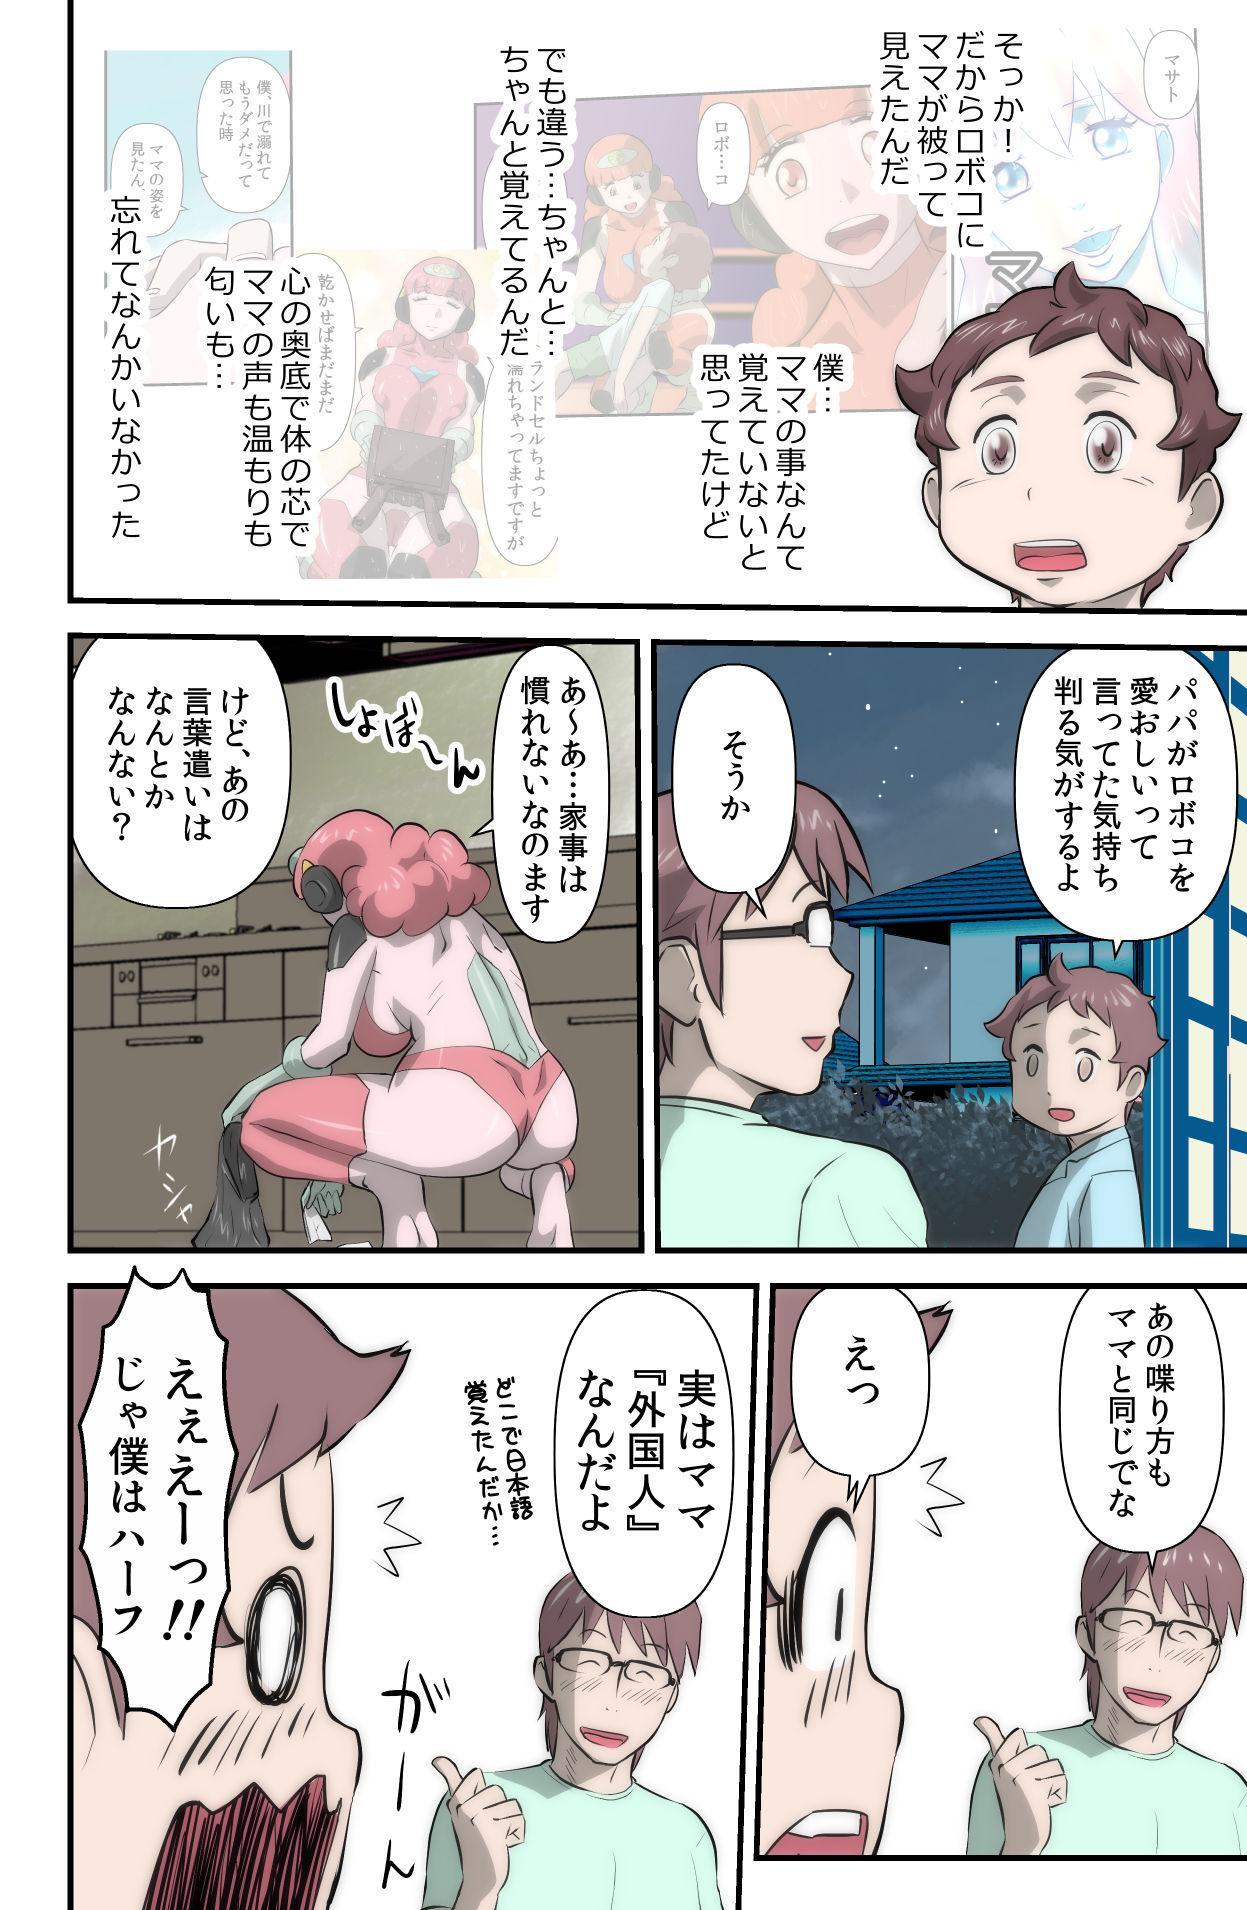 がんばる!!ロボ娘 29